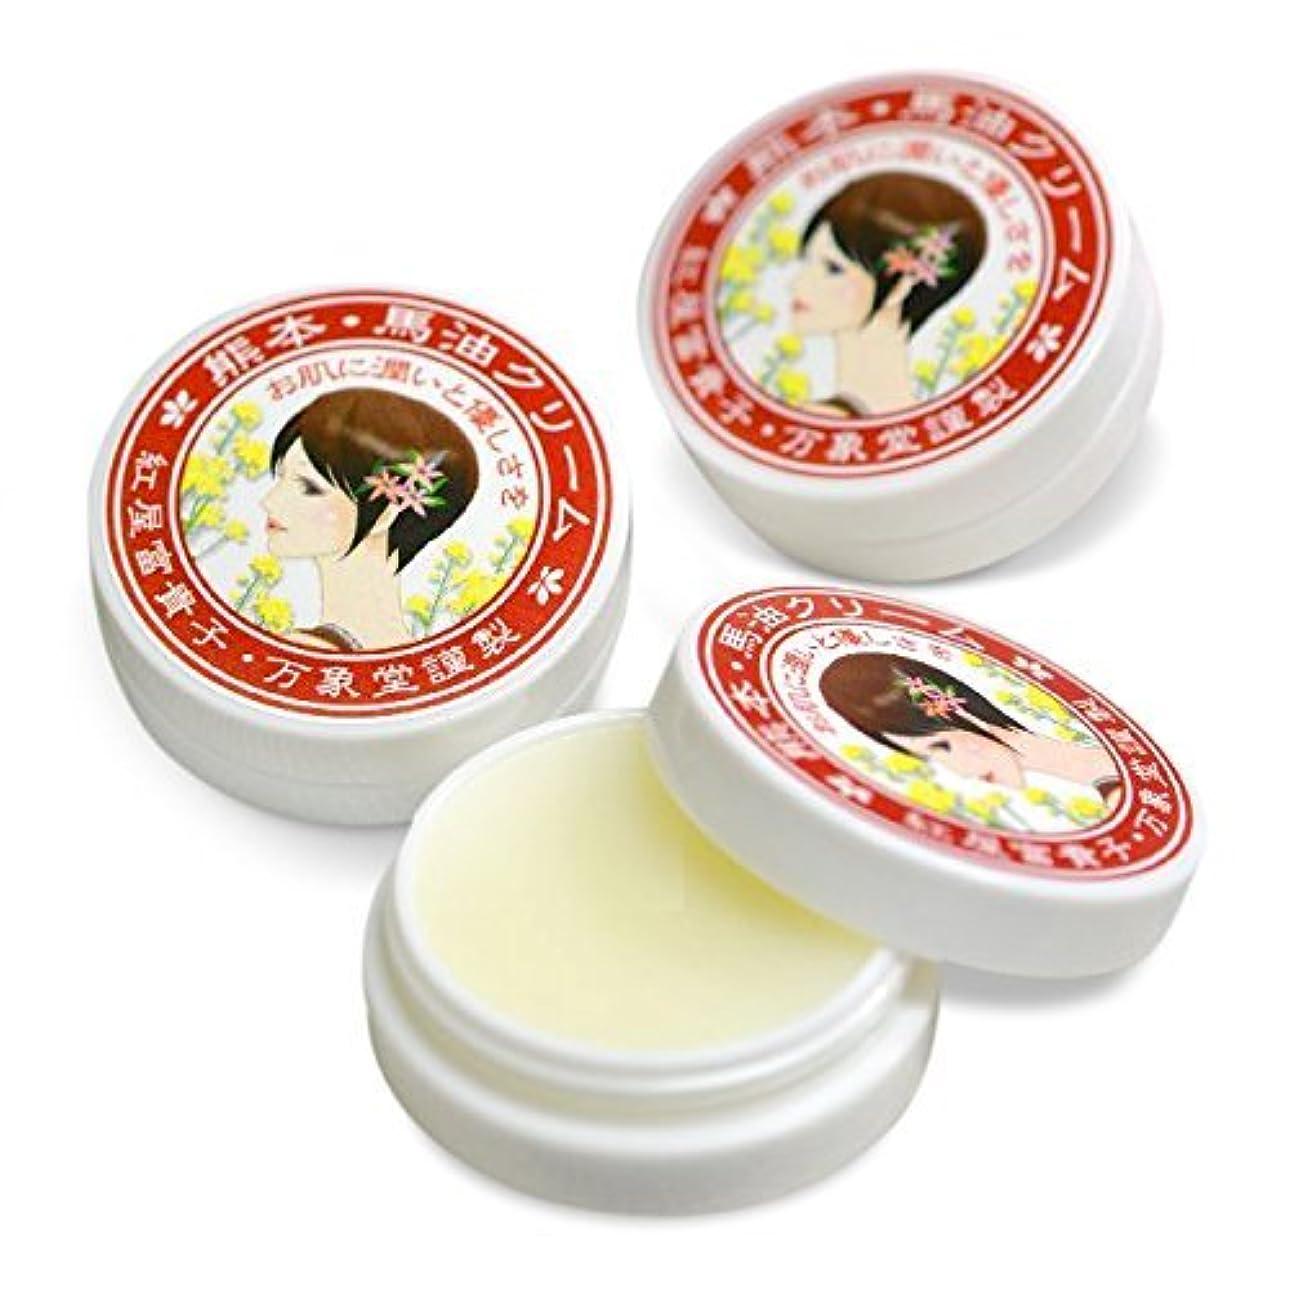 アデレードカニロマンス森羅万象堂 馬油クリーム 10g×3個 (ラベンダーの香り)精油 アロマ 国産 保湿 スキンクリーム